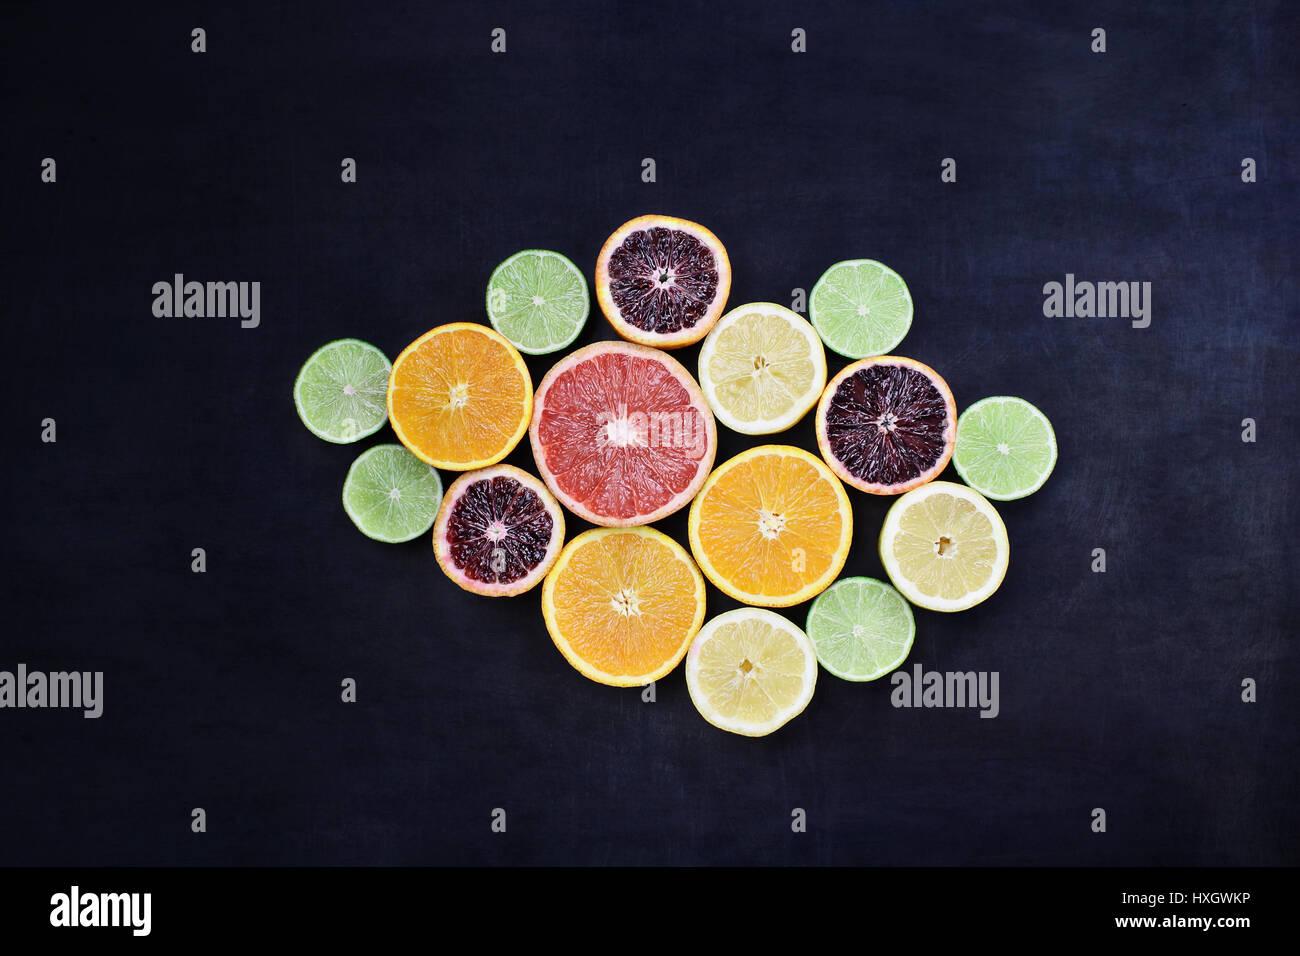 Varietà di agrumi (arancione, sangue arance, limoni, pompelmi e limes) oltre un nero sfondo rustico. Immagine Immagini Stock